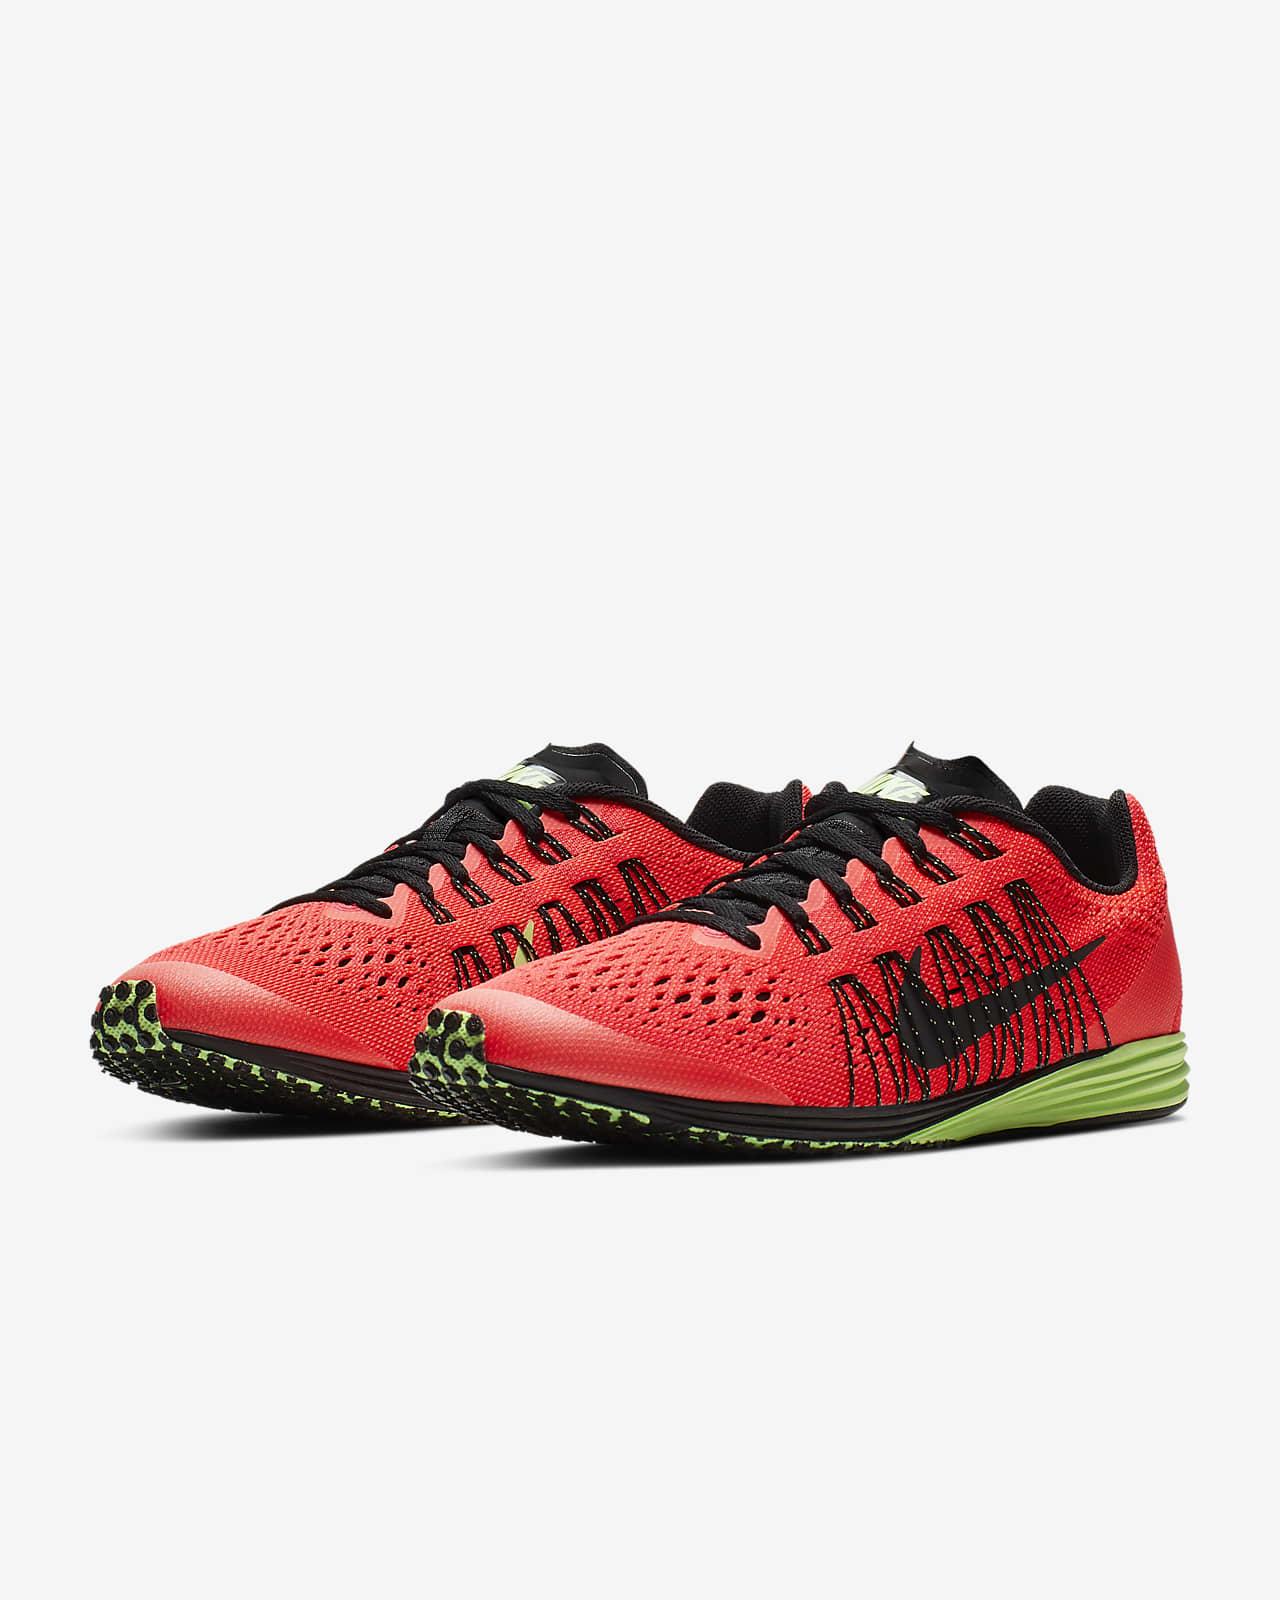 Nike LunarSpider R 6 Unisex Running